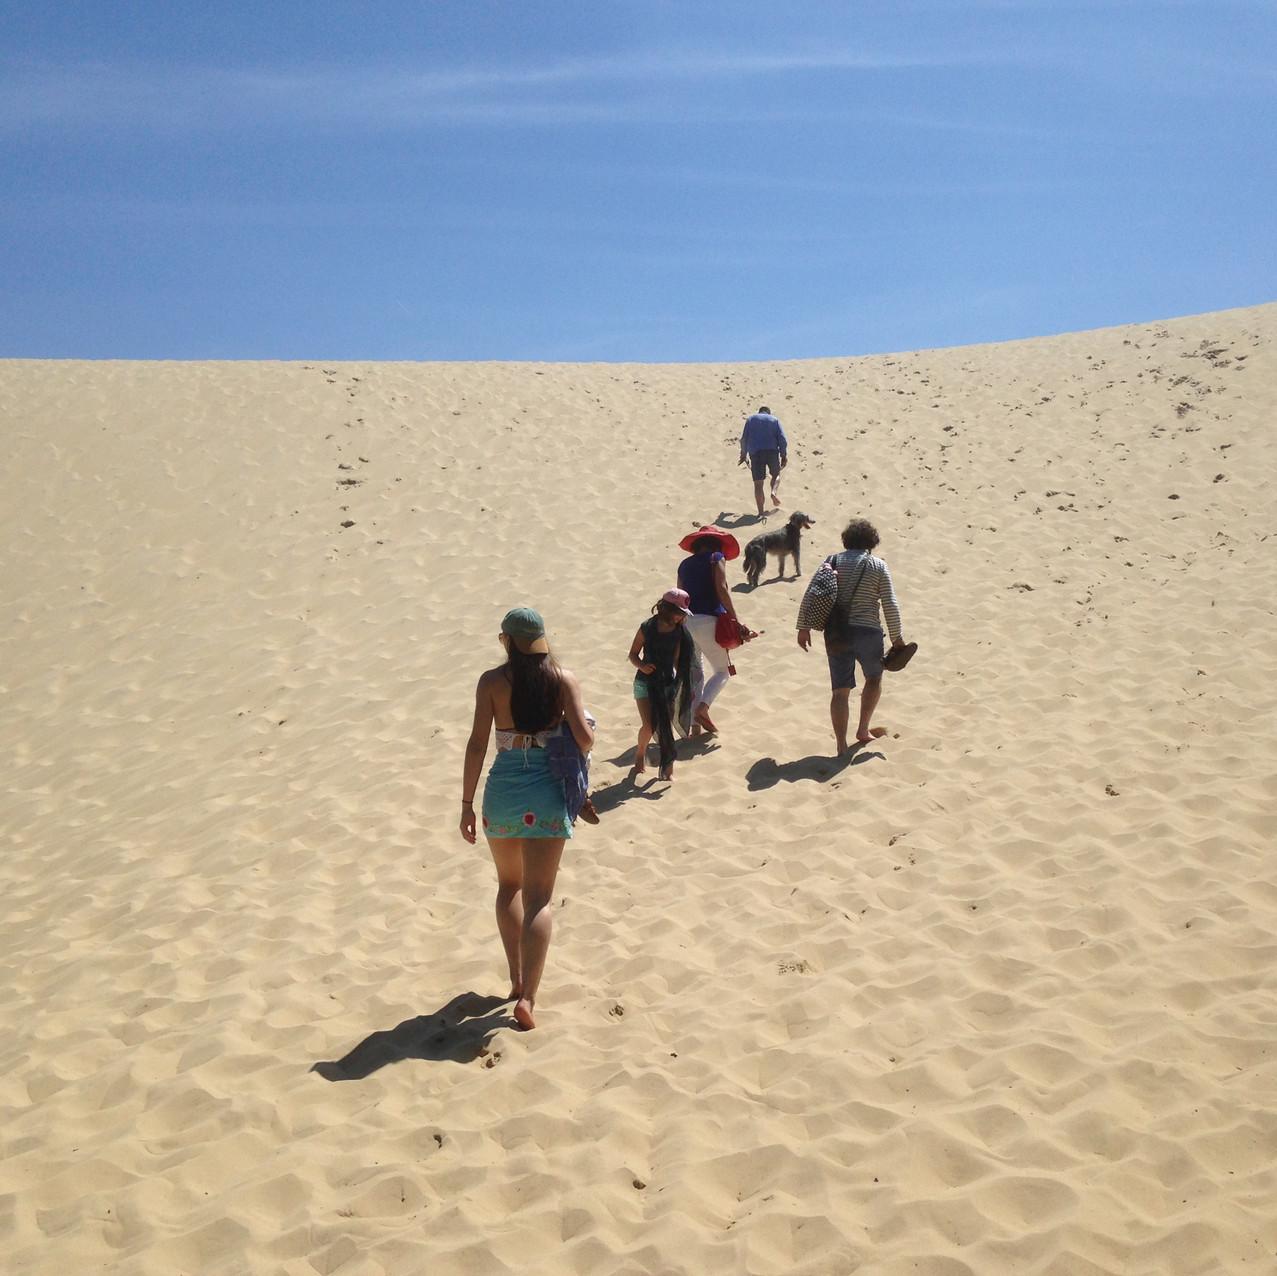 trekking up the dune